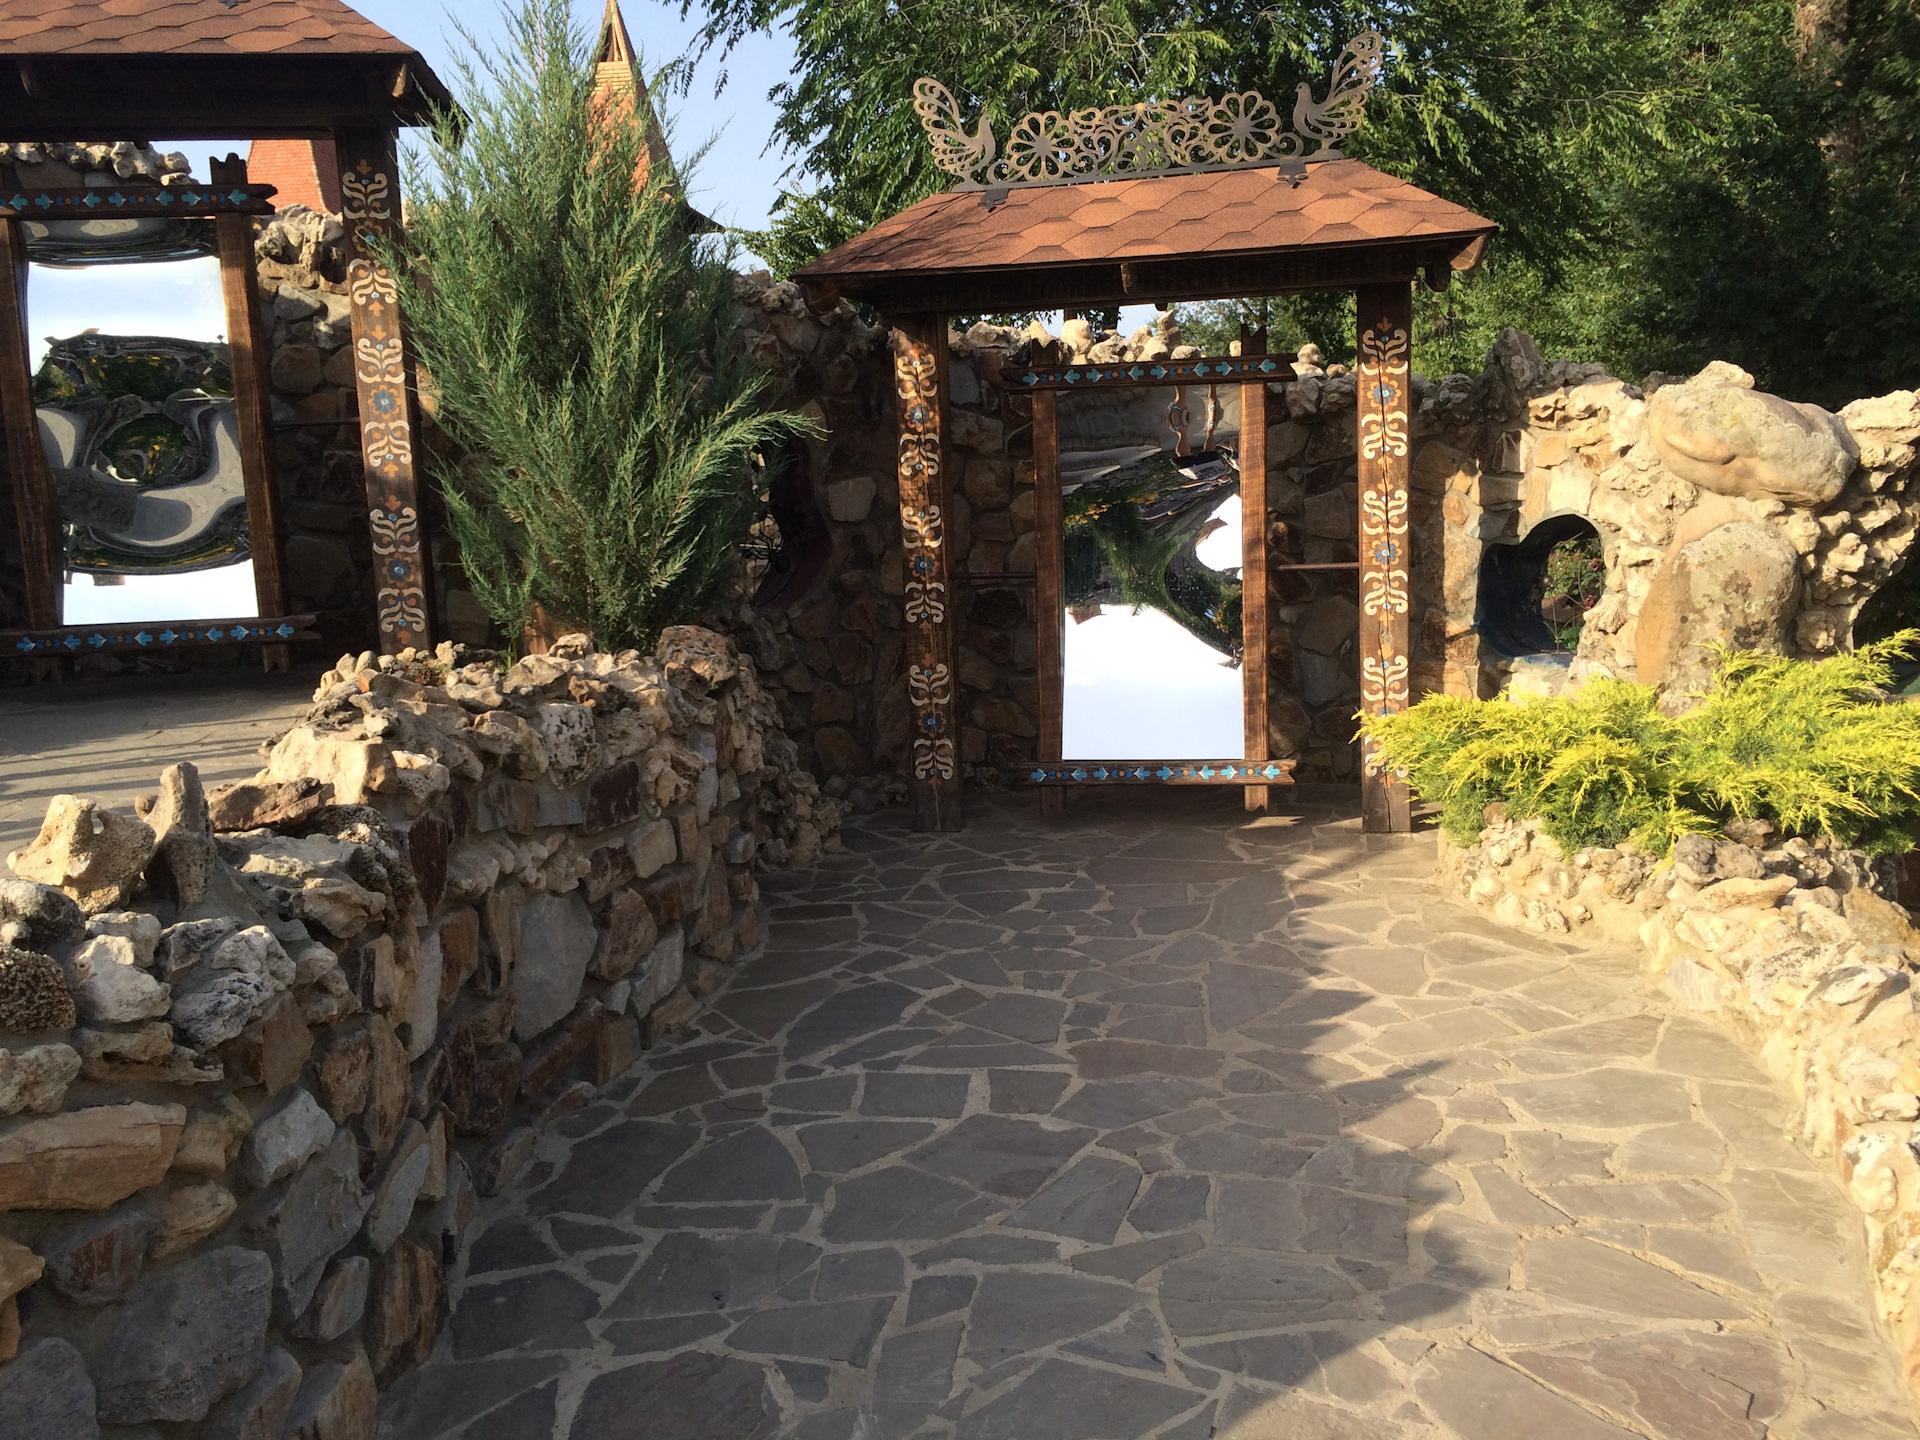 парк логос каменск шахтинский фото по-видимому хрущев